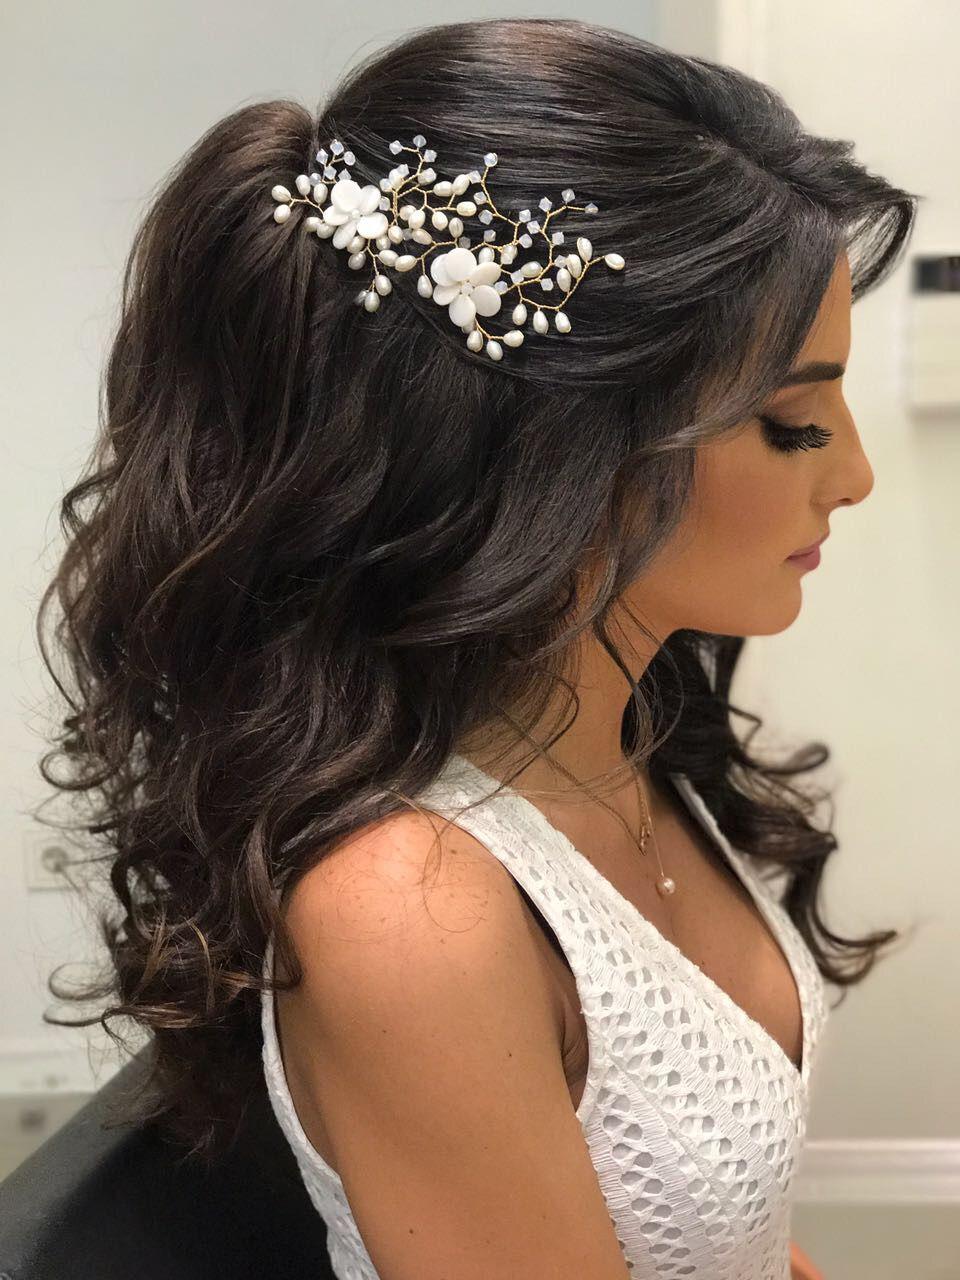 lebanon #hair #hairstyle #haircut #hairfashion #haircolor